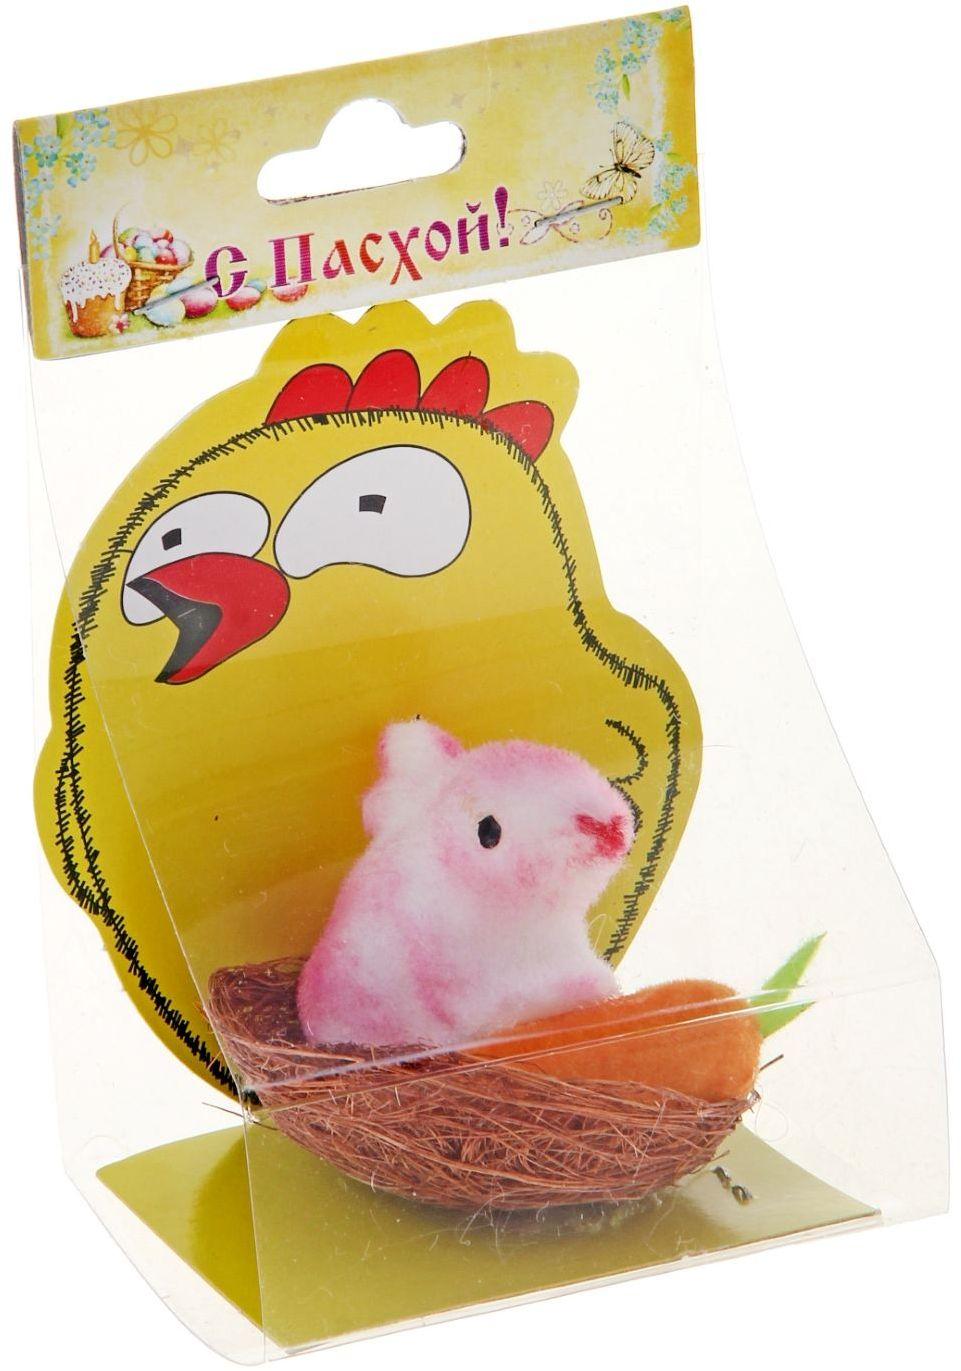 Сувенир пасхальный Sima-land Пасхальный кролик с морковкой, 4,5 х 5 х 4,5 см927934Пасха – самый светлый семейный праздник со своими традициями, обычаями и, конечно же, символами. Самый светлый весенний семейный праздник, конечно, Пасха. Симпатичные цыплята и курочки с расписными яйцами в корзинках украшают столы в этот день вместе с традиционными блюдами и выпечкой. Перед вами сувенир Пасхальный кролик с морковкой - не просто пасхальный декор, а символ плодородия. Добавит тепло и уют в светлое весеннее воскресенье. Напомните младшему поколению, что по традиции, зайчик оставляет в подарок хорошим послушным детям разноцветные яички и сладости в тайном местечке, а в каком именно решать вам.